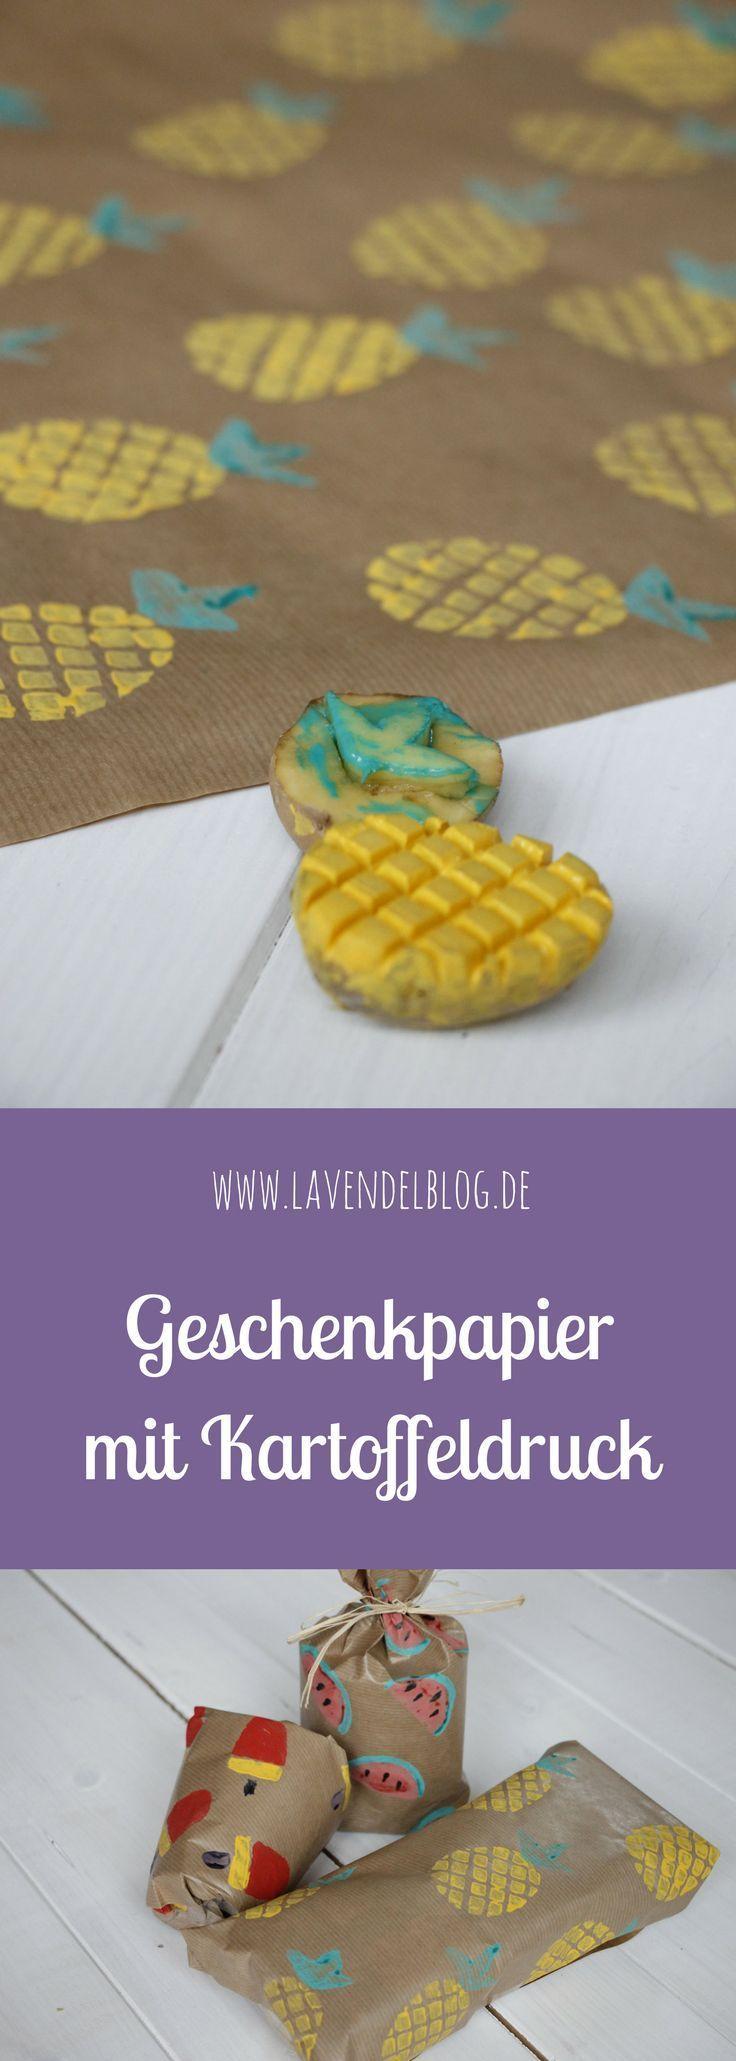 Photo of DIY-Idee: Geschenkpapier mit Kartoffeldruck selbermachen – Lavendelblog